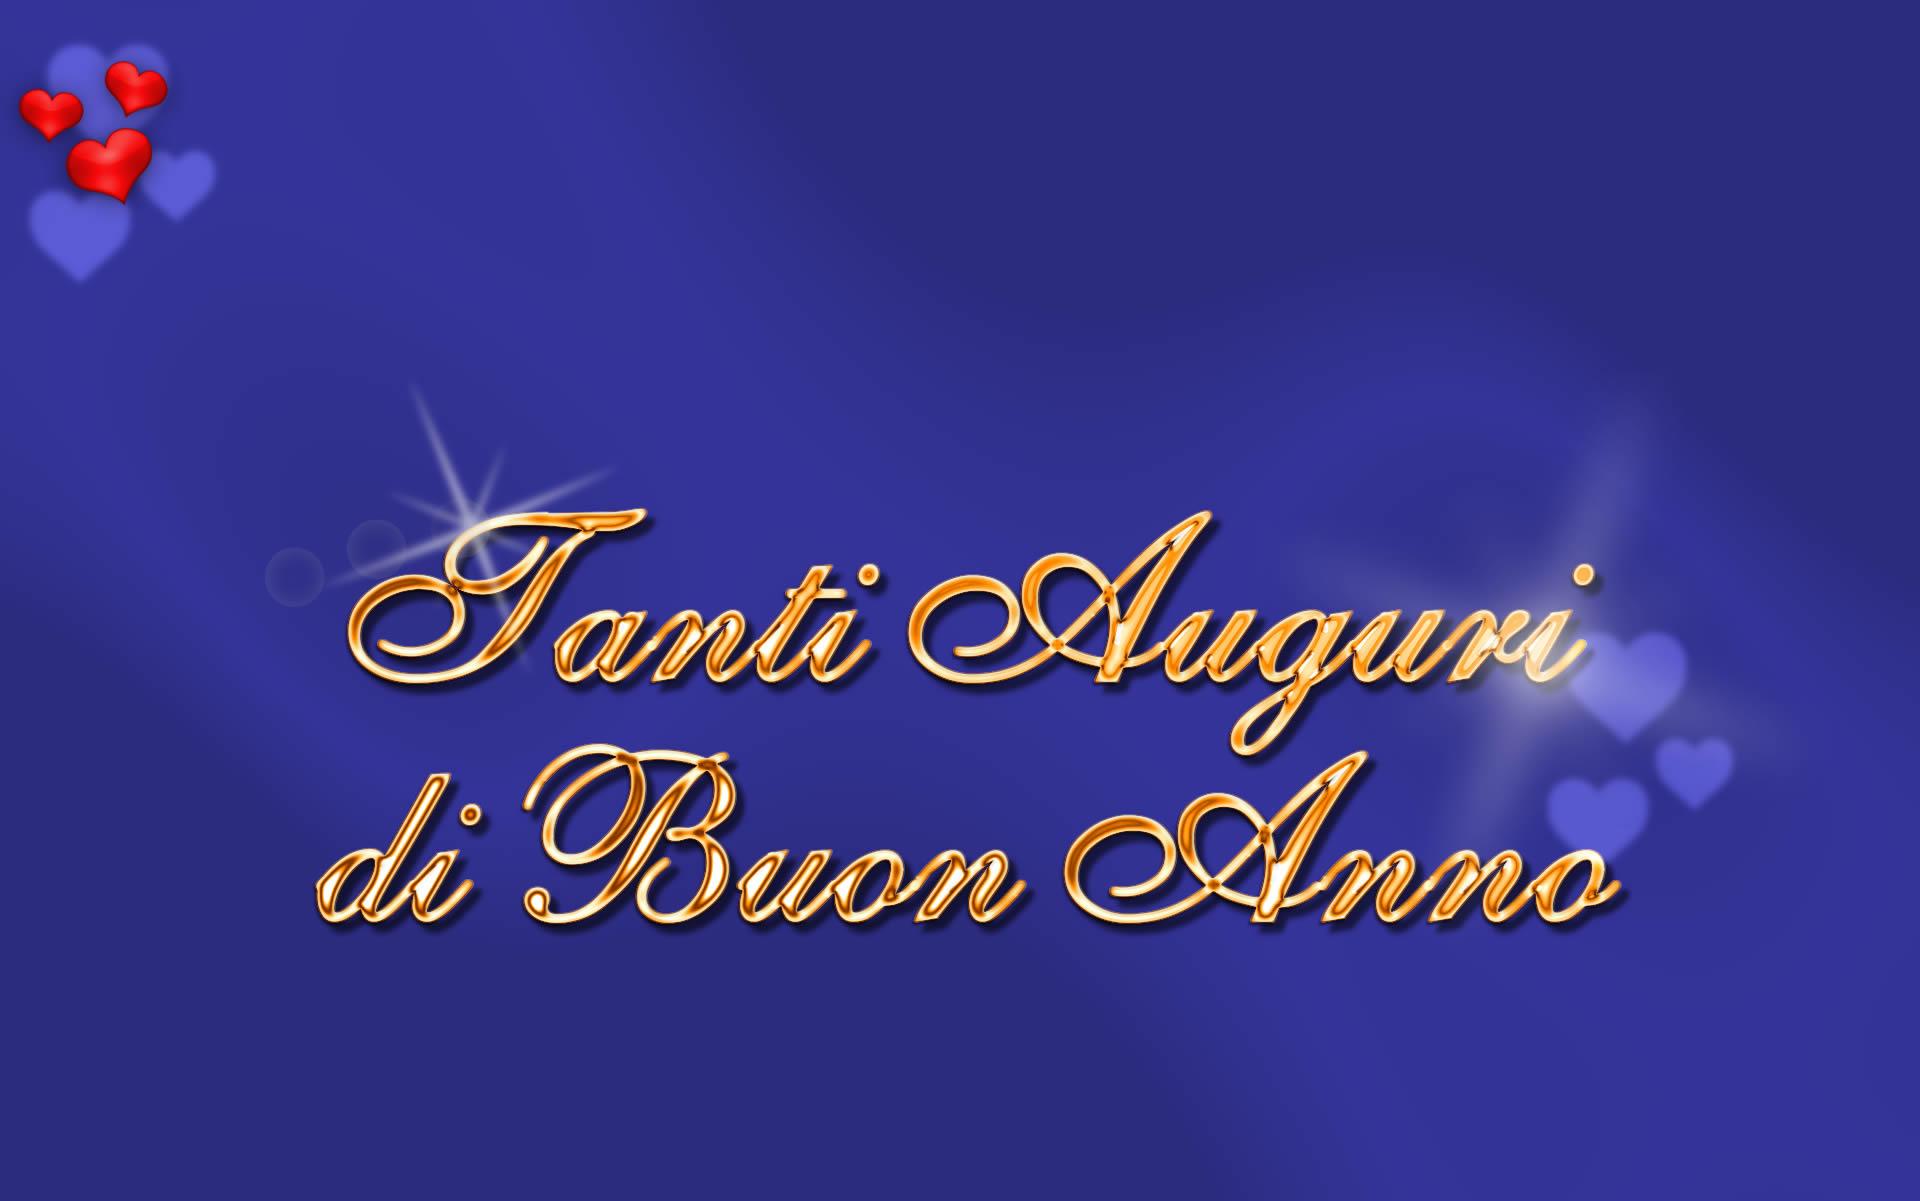 Cartoline Auguri Buon Anno Auguri di Buon Anno Sfondo Blu